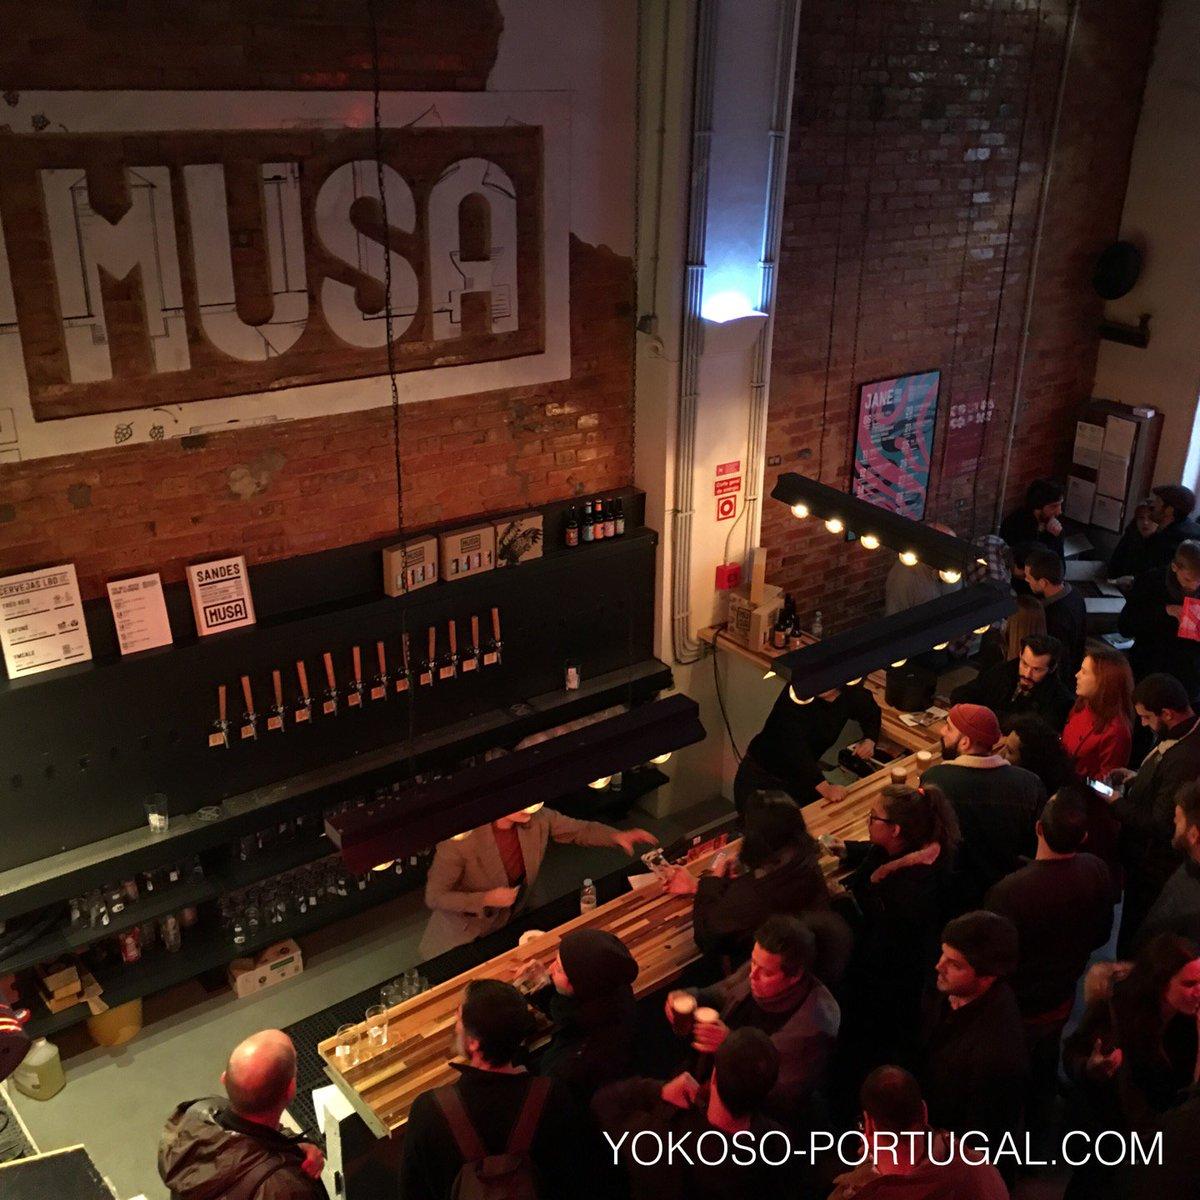 test ツイッターメディア - リスボンのクラフトビールのブルワリー。できたてビールは格別です。近くに他2件あり、飲み比べも楽しいです。 (@ Fábrica Musa in Lisboa) https://t.co/wFKvU1iVsx https://t.co/KMu8FZ61Jc